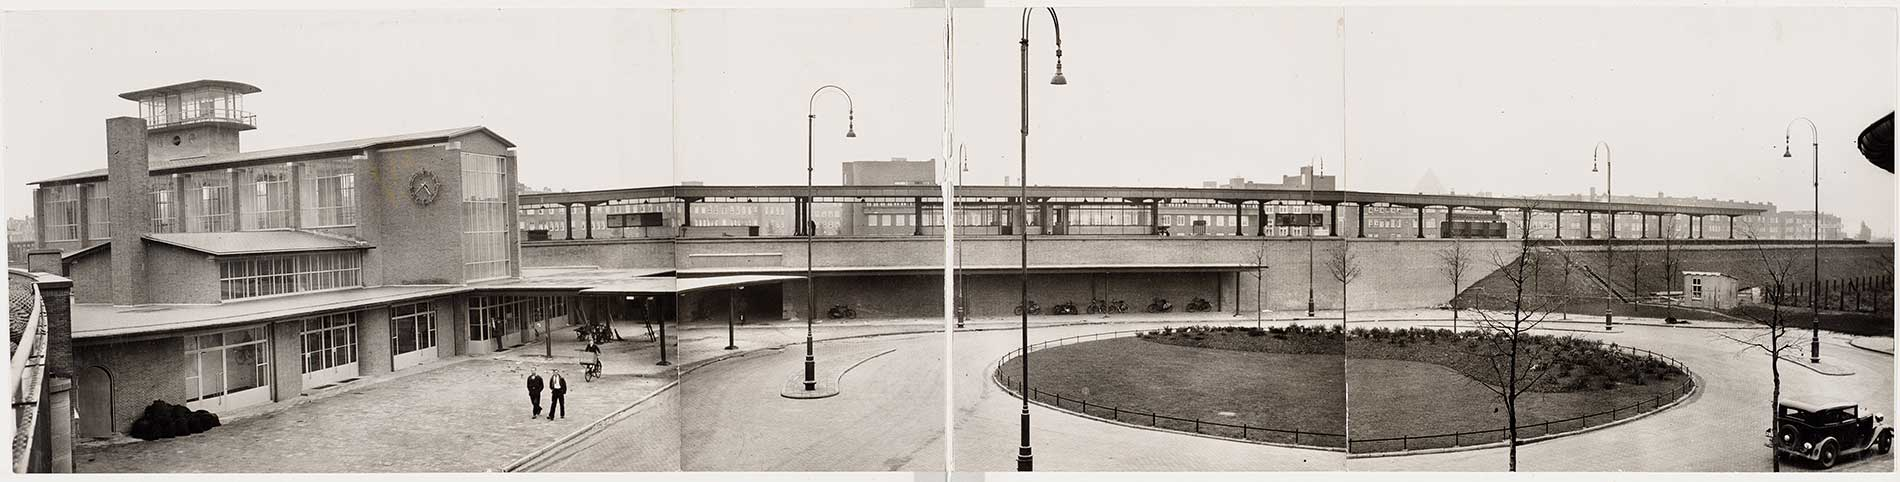 Panorama Station Amsterdam Muiderpoort